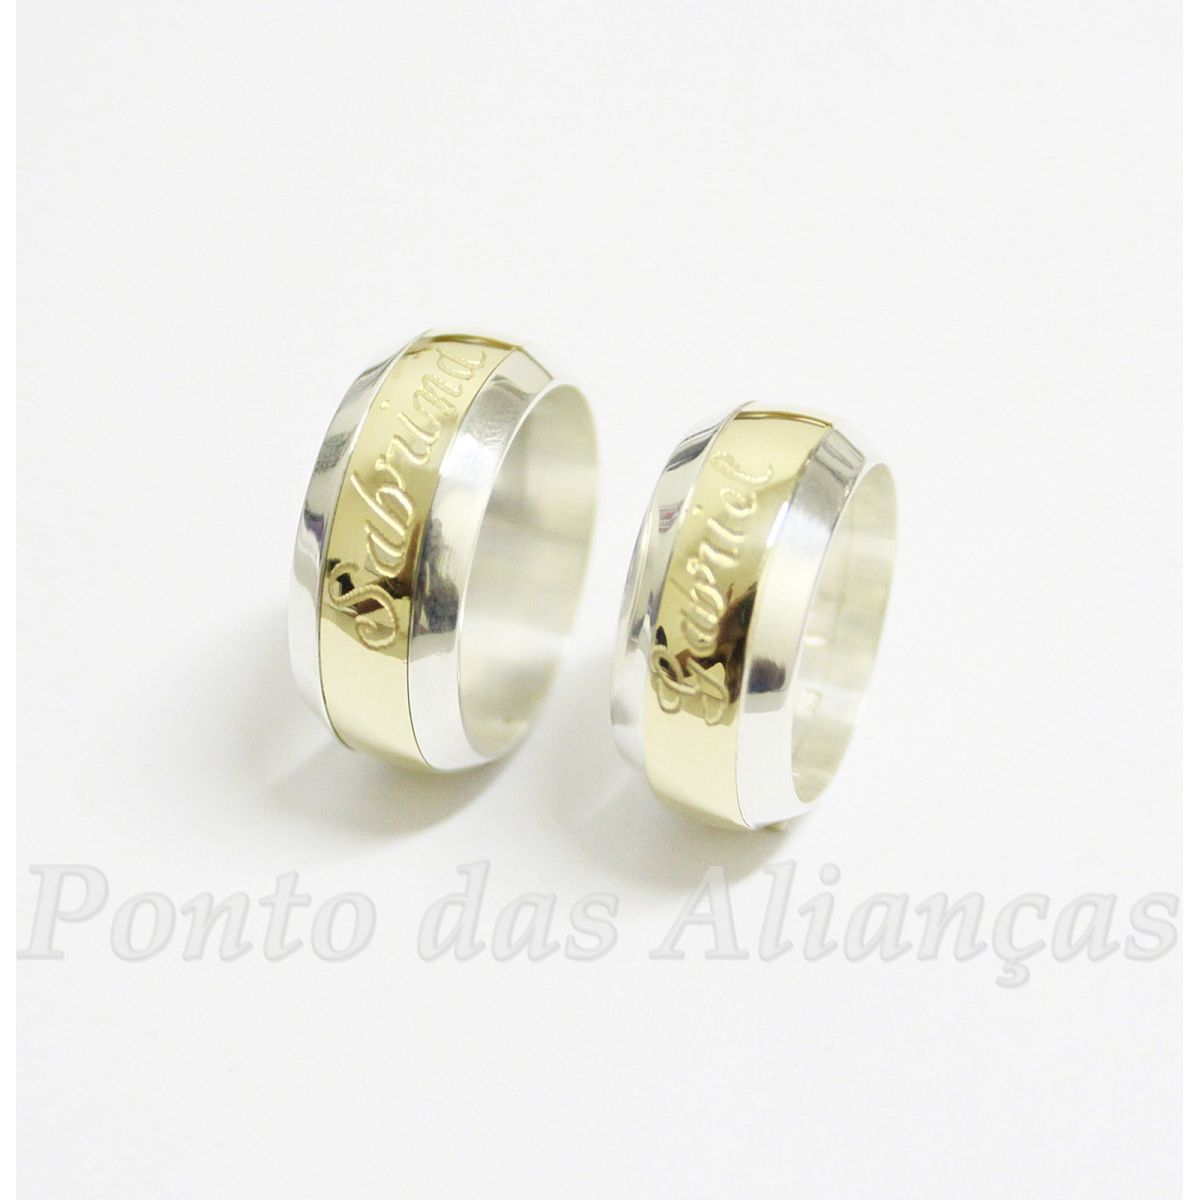 Alianças de Ouro e Prata Casamento ou Noivado - 527